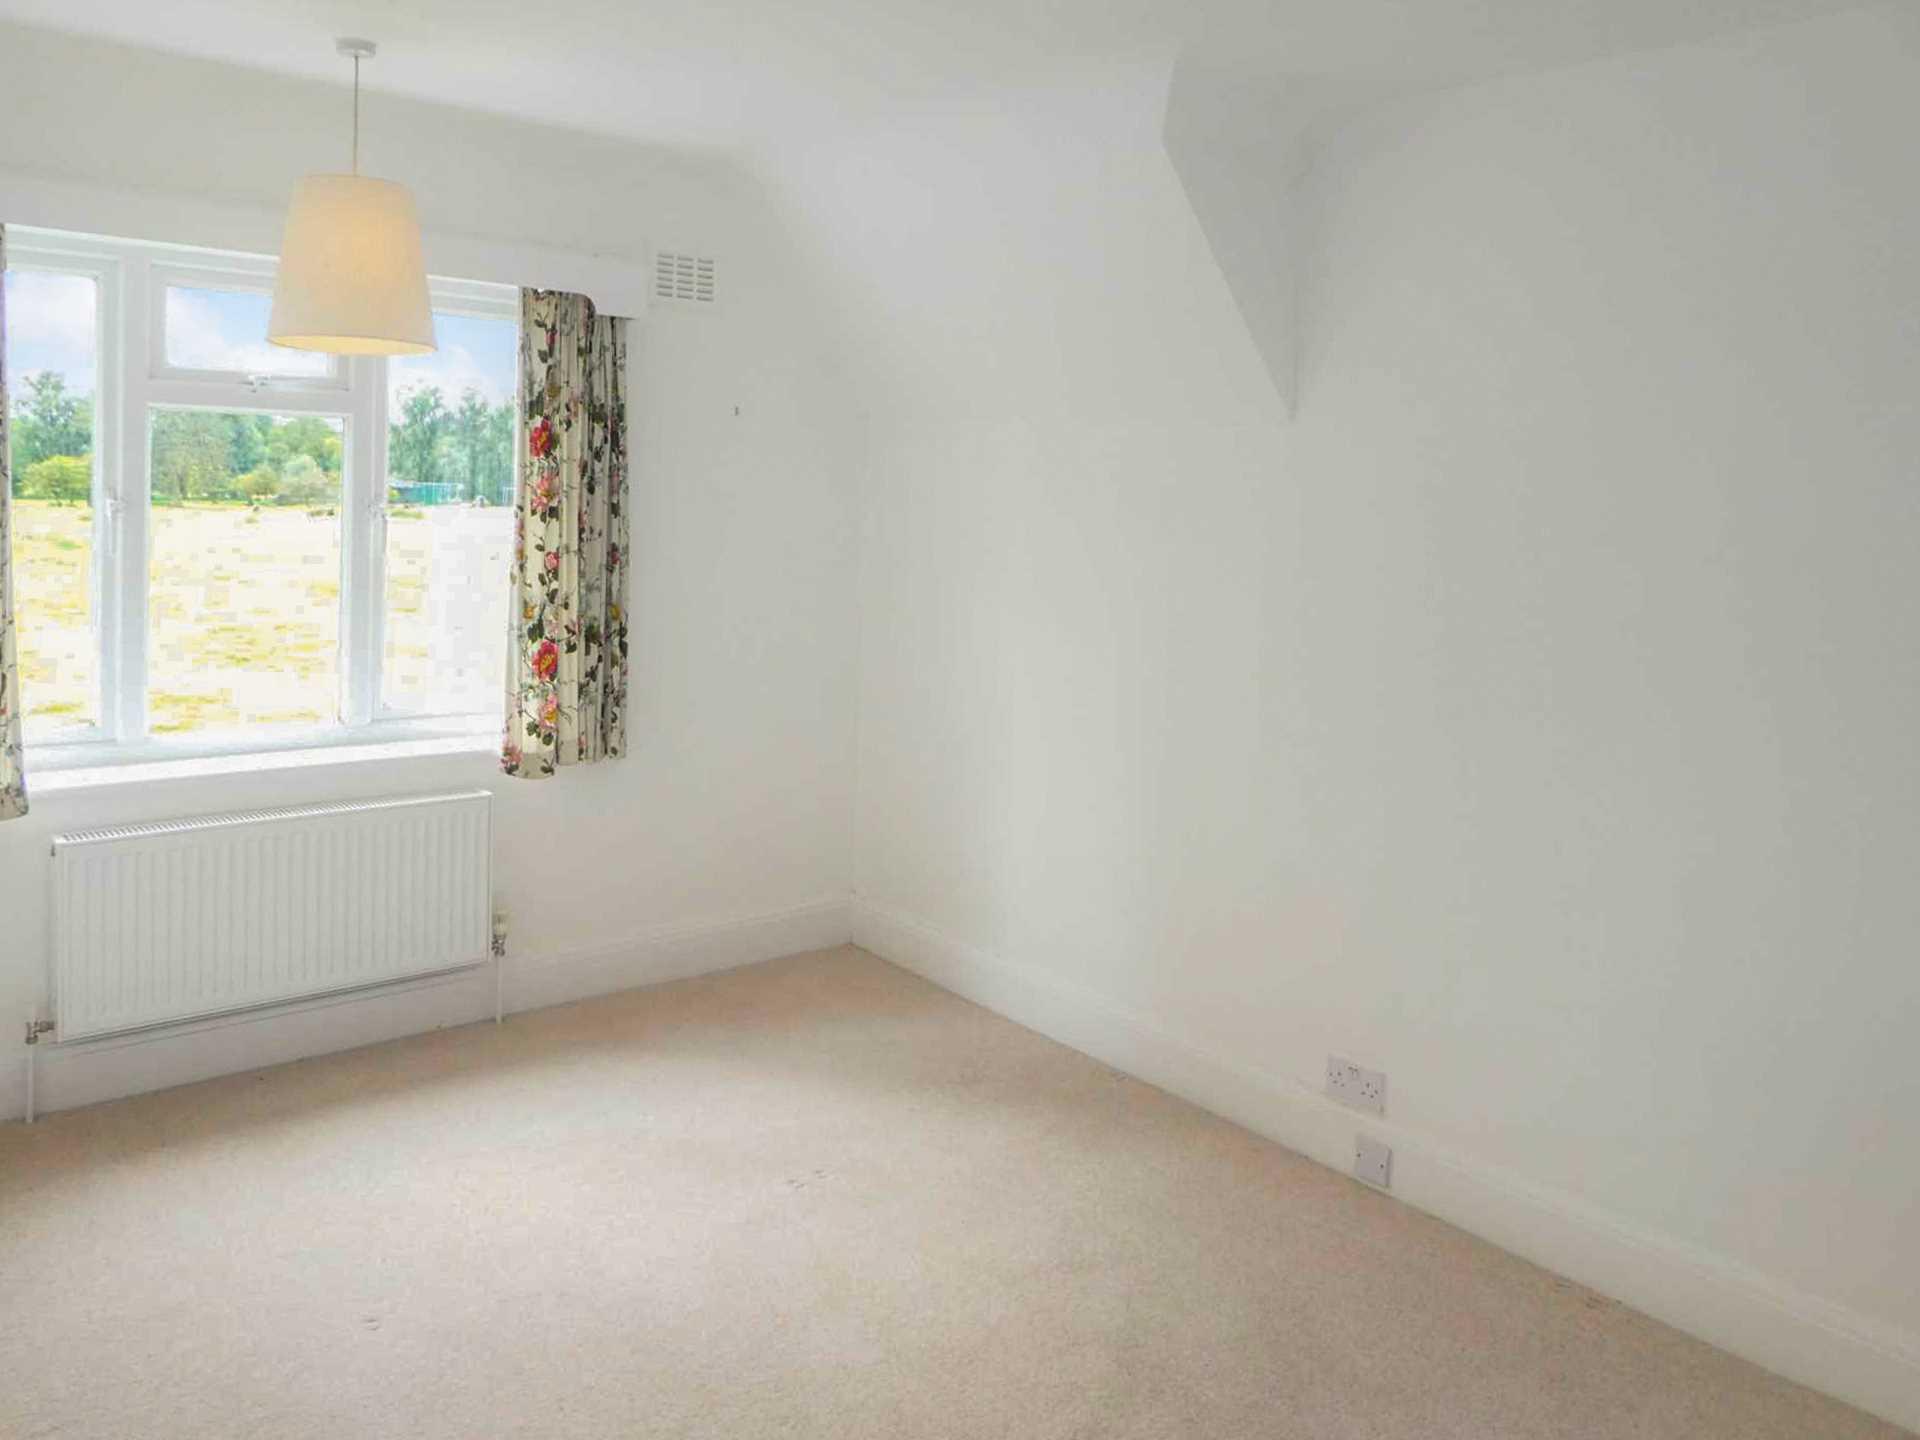 Stonebridge Lane, Long Itchington, Southam, CV47, Image 9